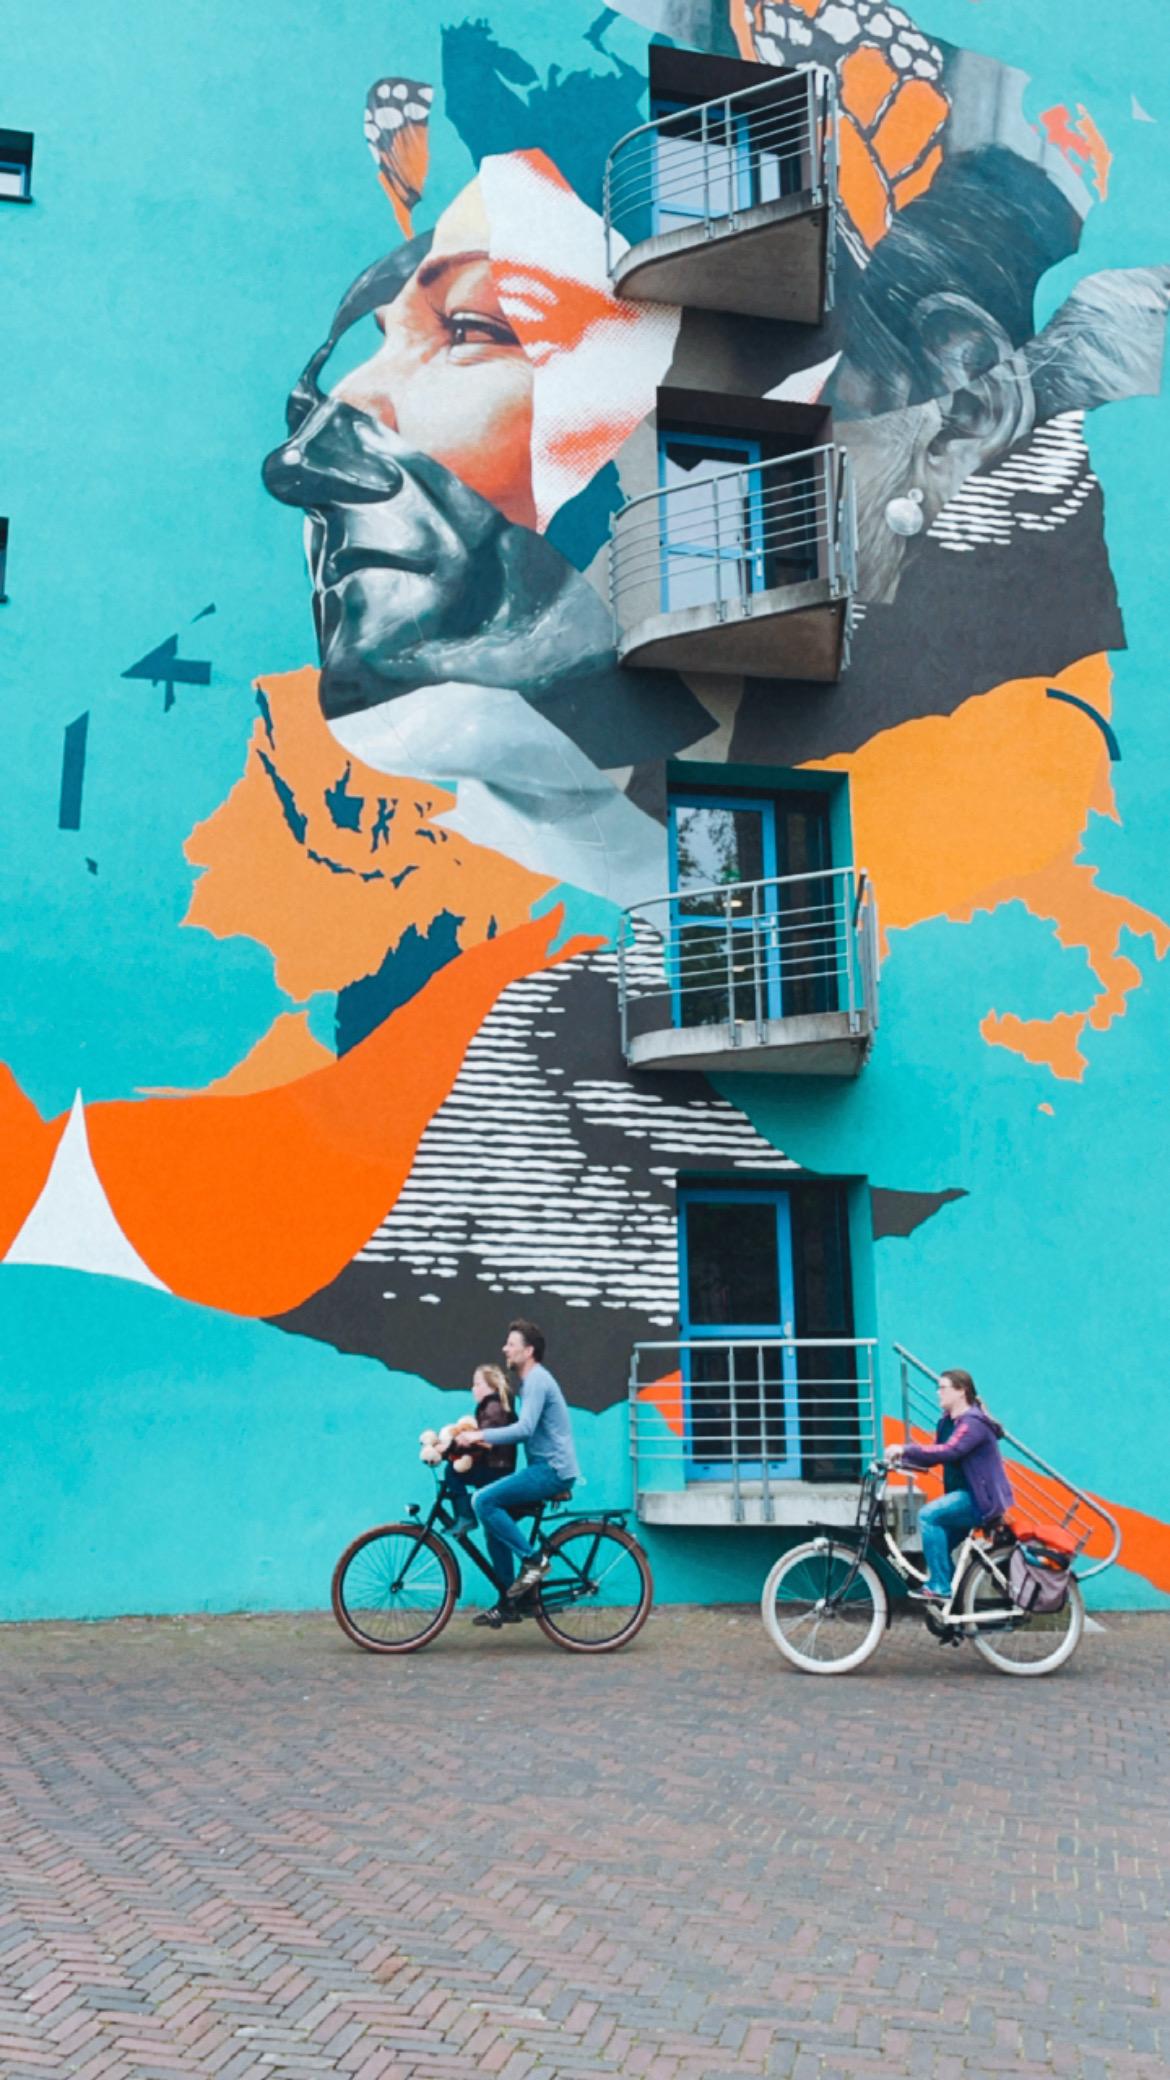 streetart in leeuwarden